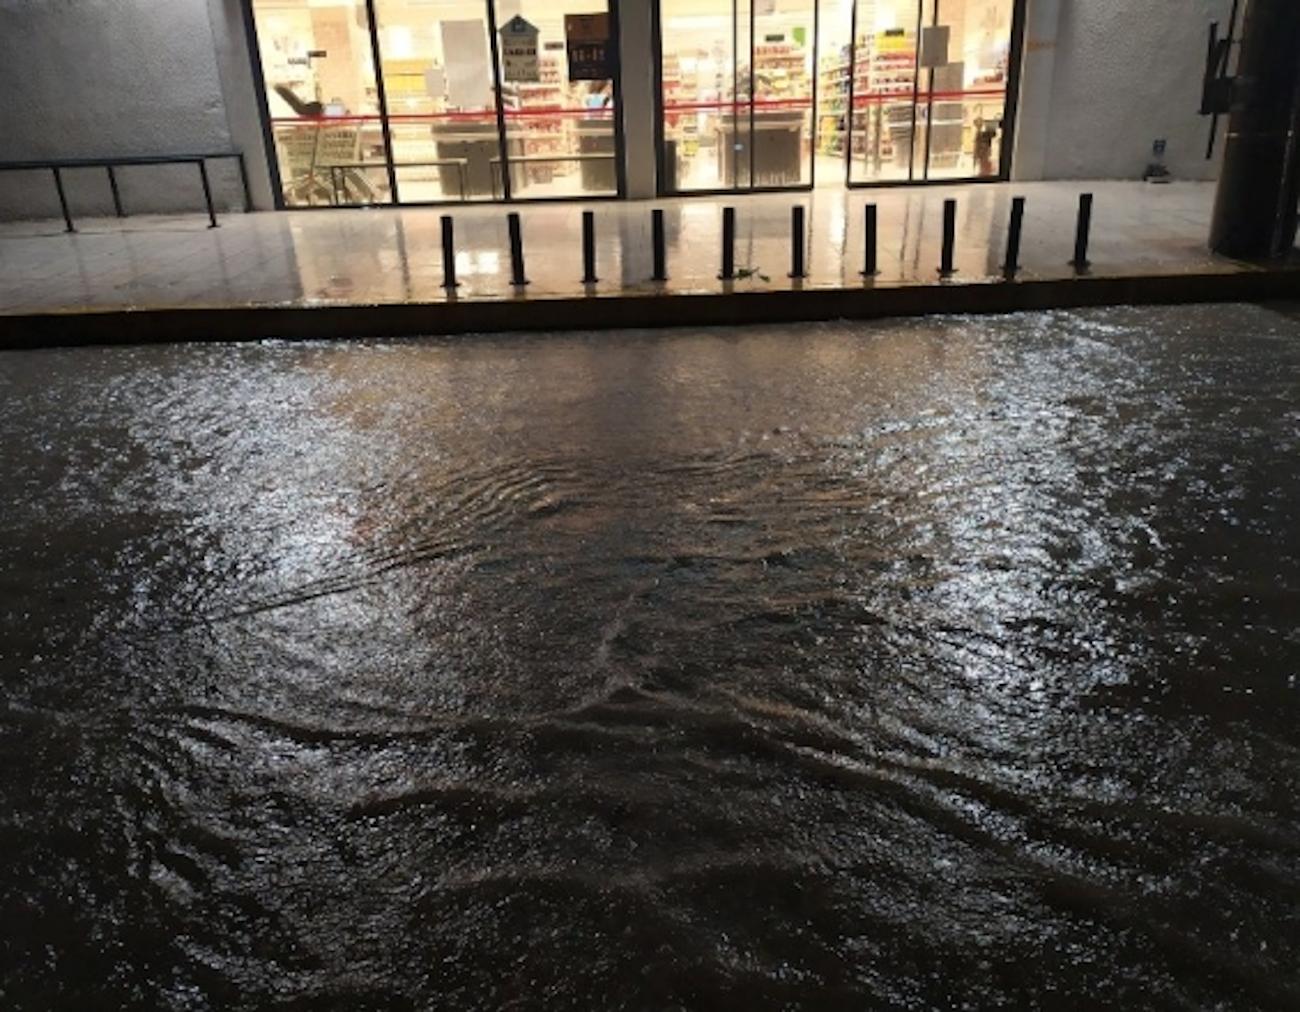 Πλημμύρες έξω από σούπερ μάρκετ